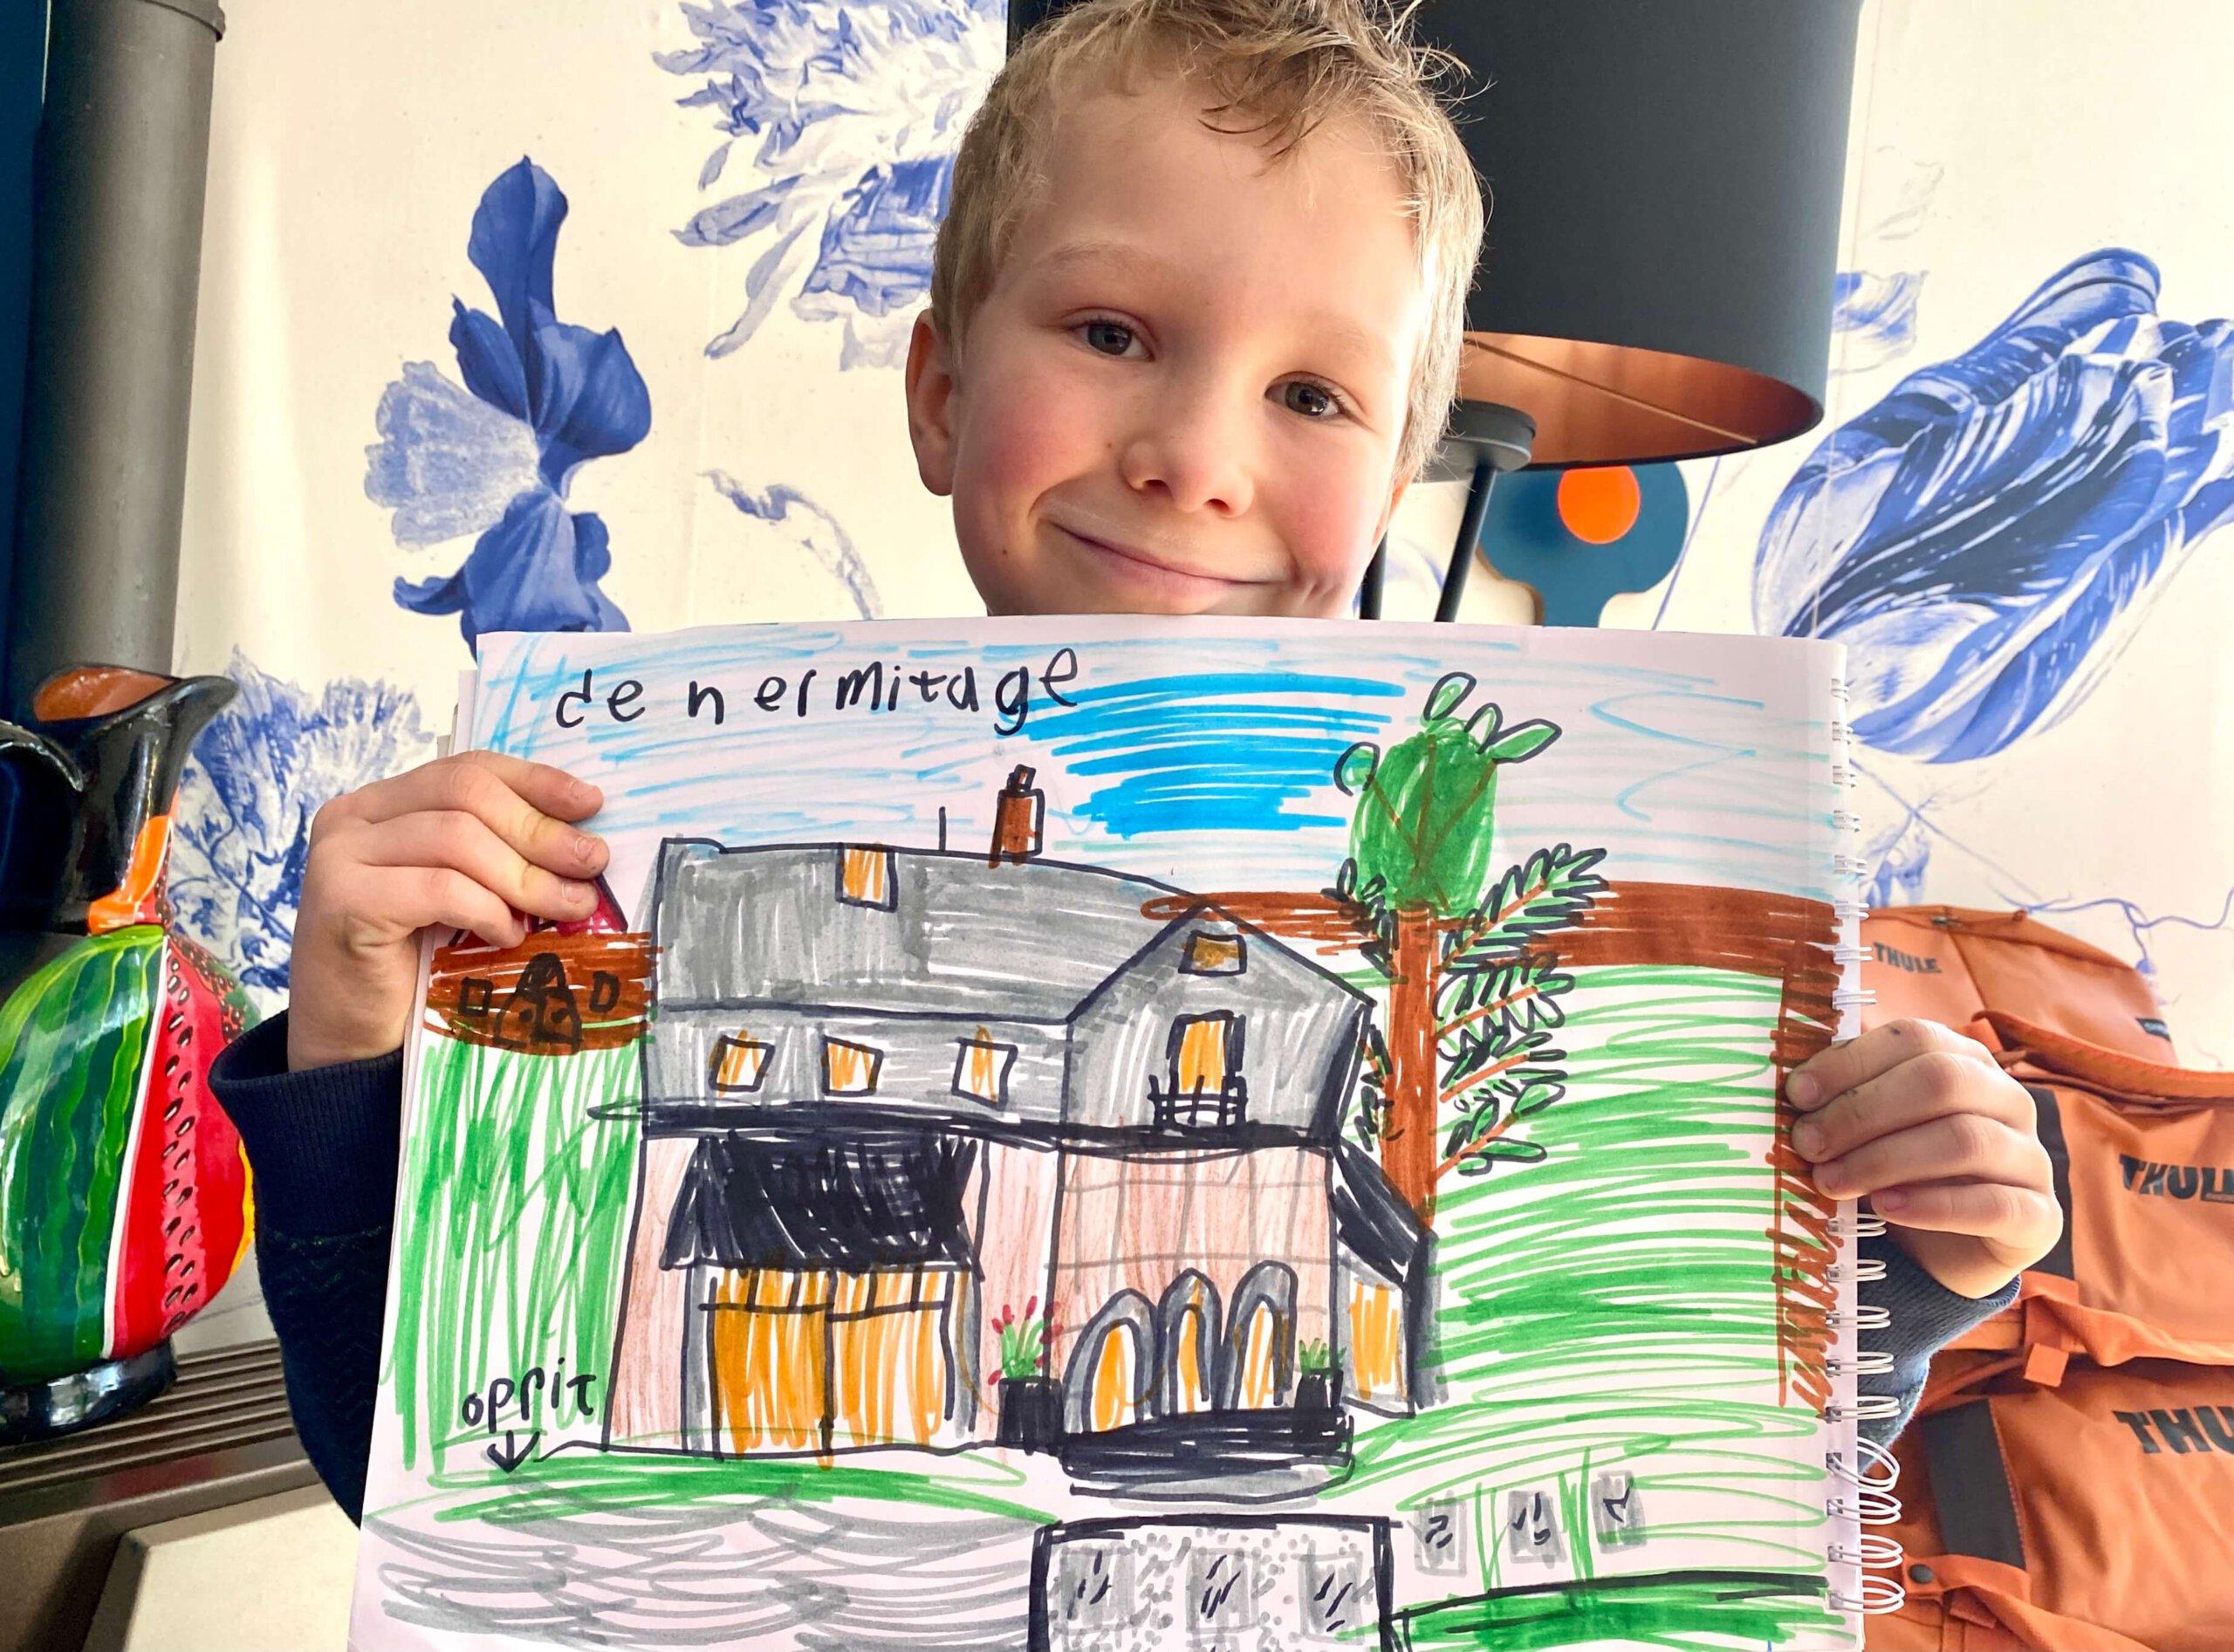 hermitage, verhuiskaart, verhuizen, apeldoorn, kindertekening